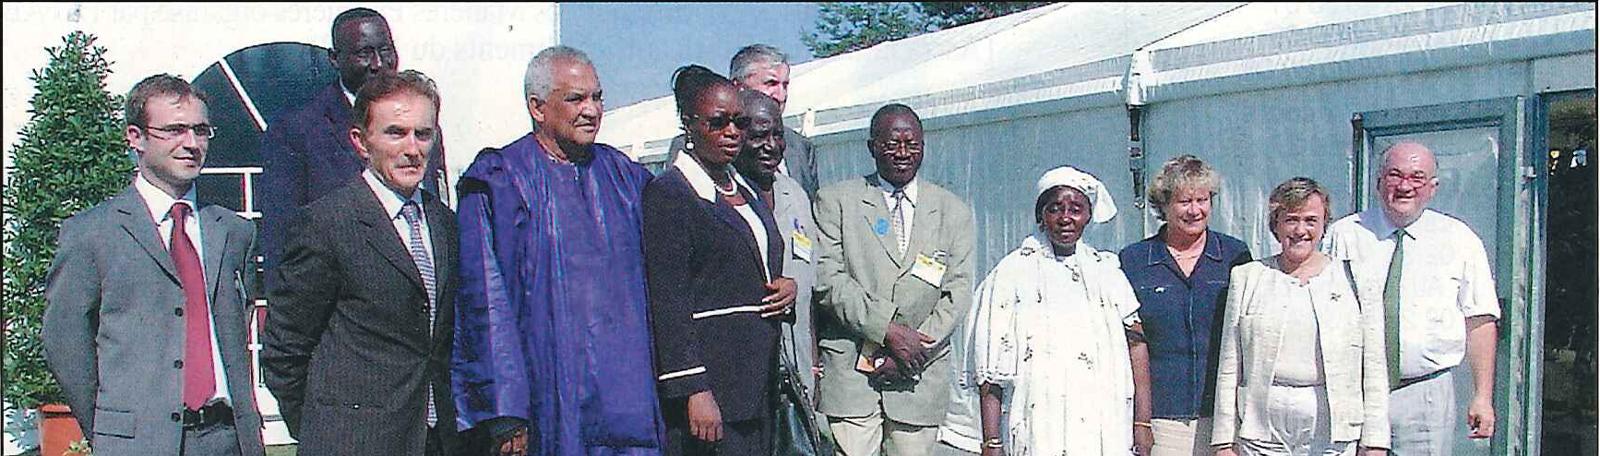 Délégation officielle du Sénégal au SPACE 2005